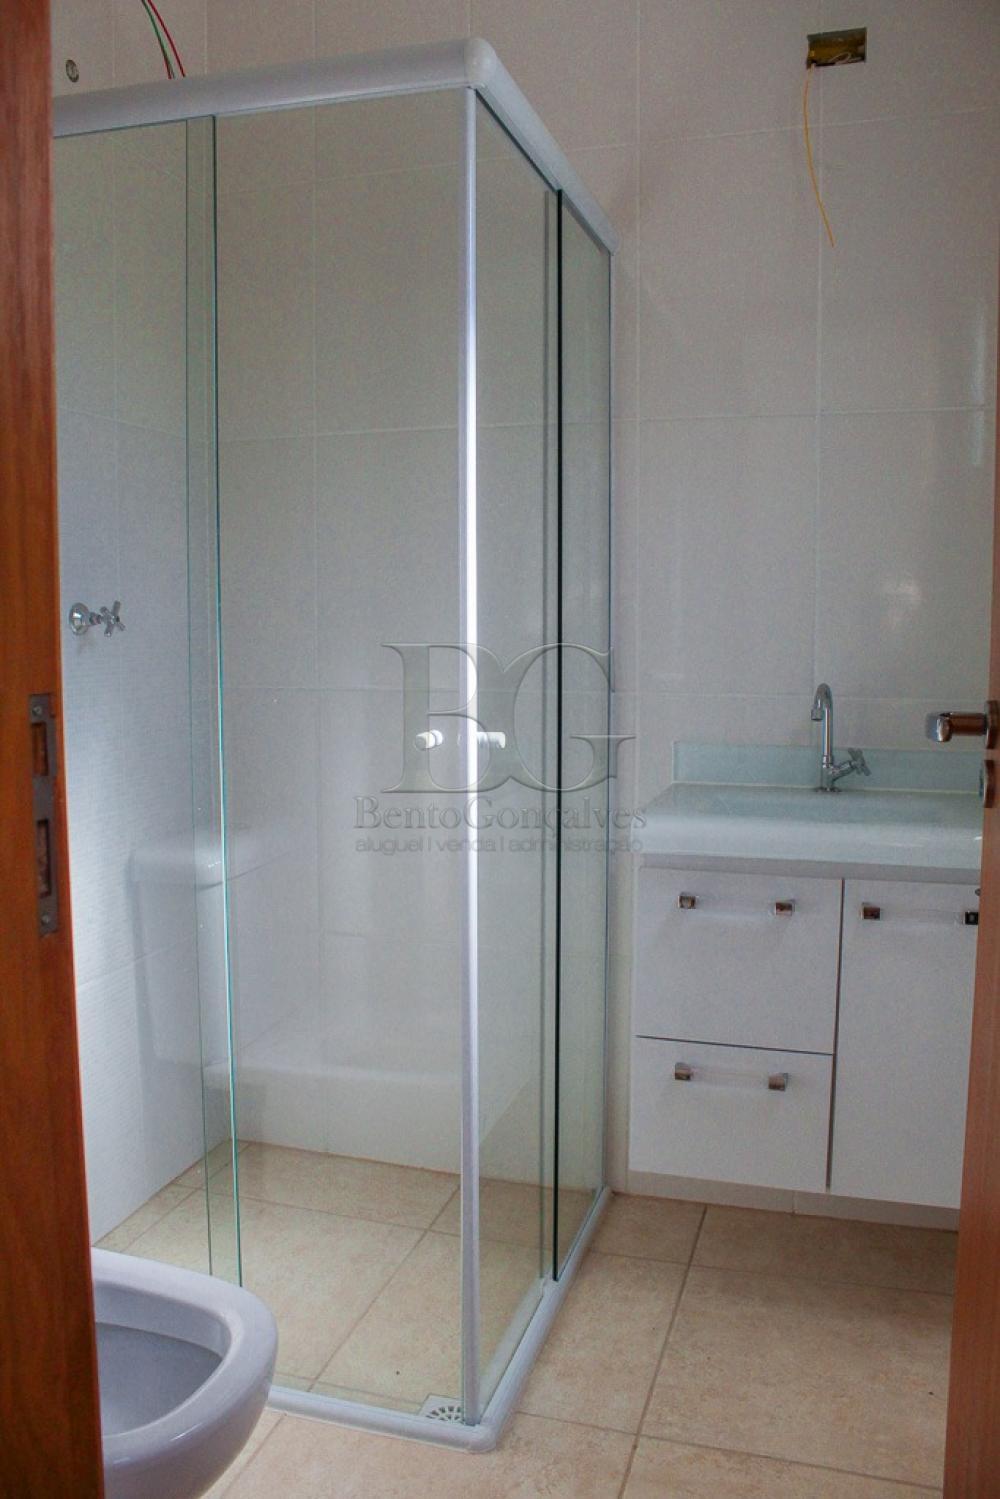 Comprar Apartamentos / Padrão em Poços de Caldas apenas R$ 260.000,00 - Foto 11